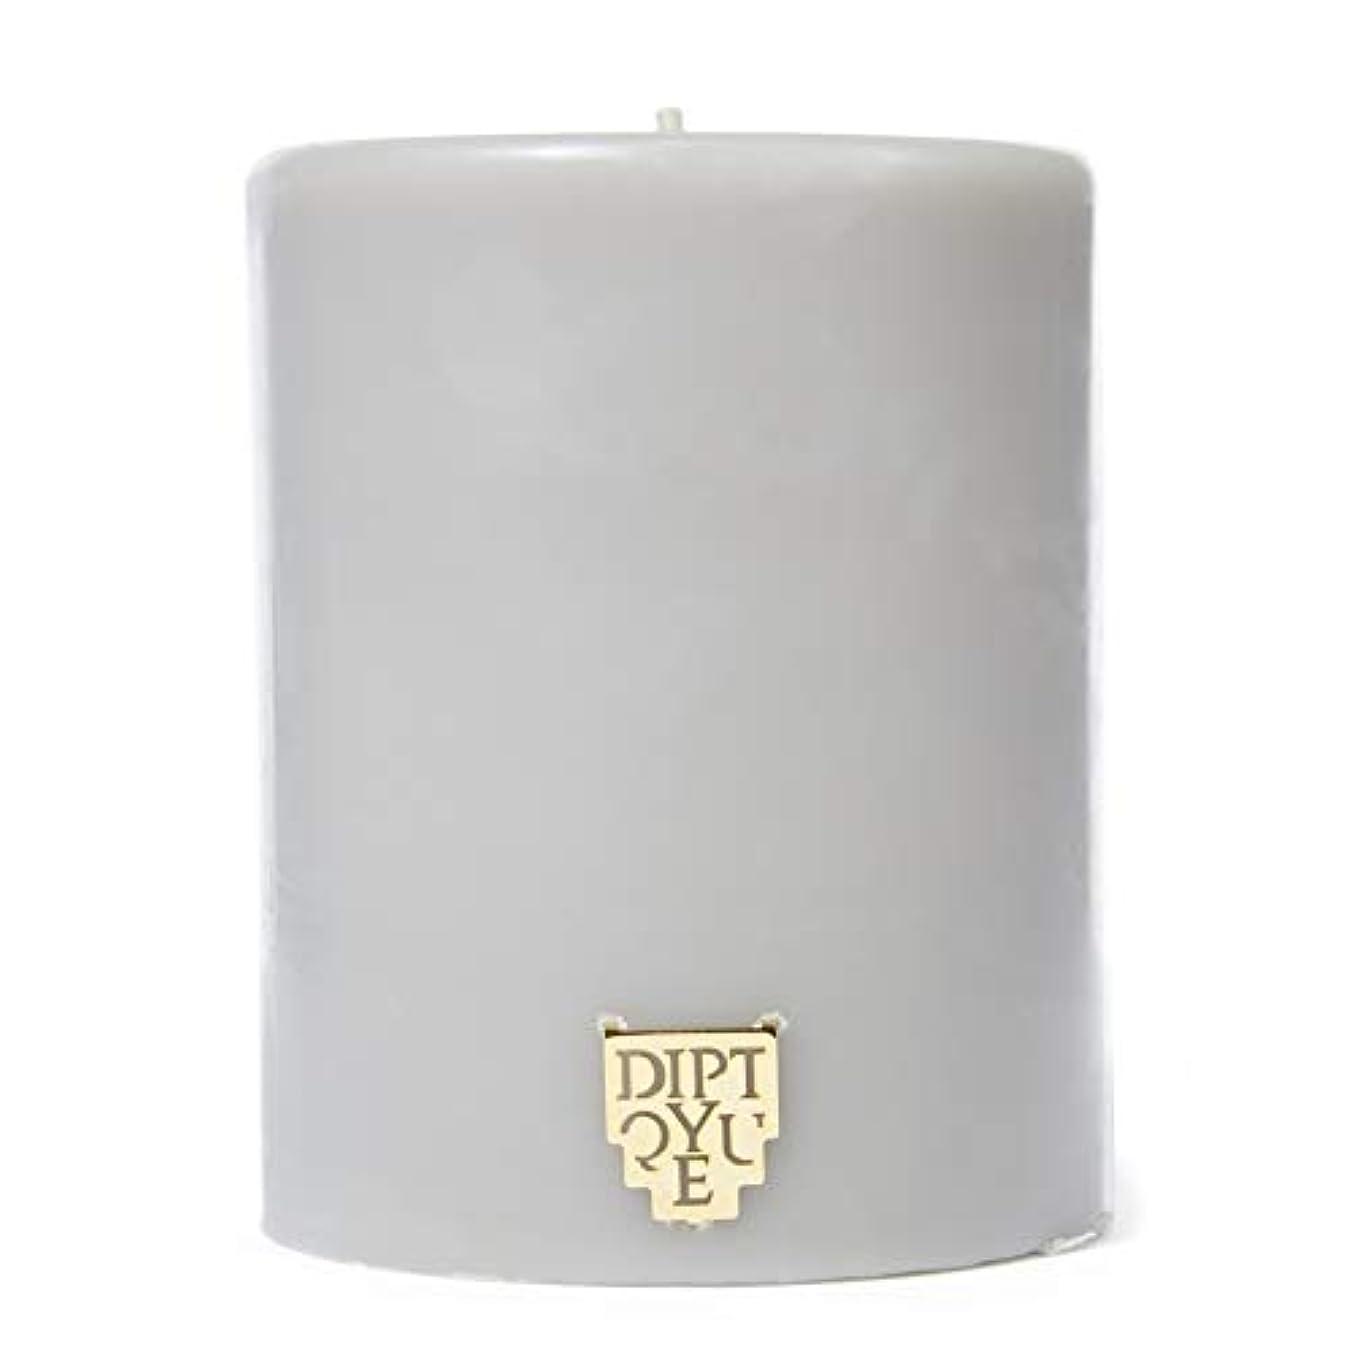 始まり動的試みる[Diptyque] DiptyqueのFeuデボワピラーキャンドル450グラム - Diptyque Feu De Bois Pillar Candle 450g [並行輸入品]